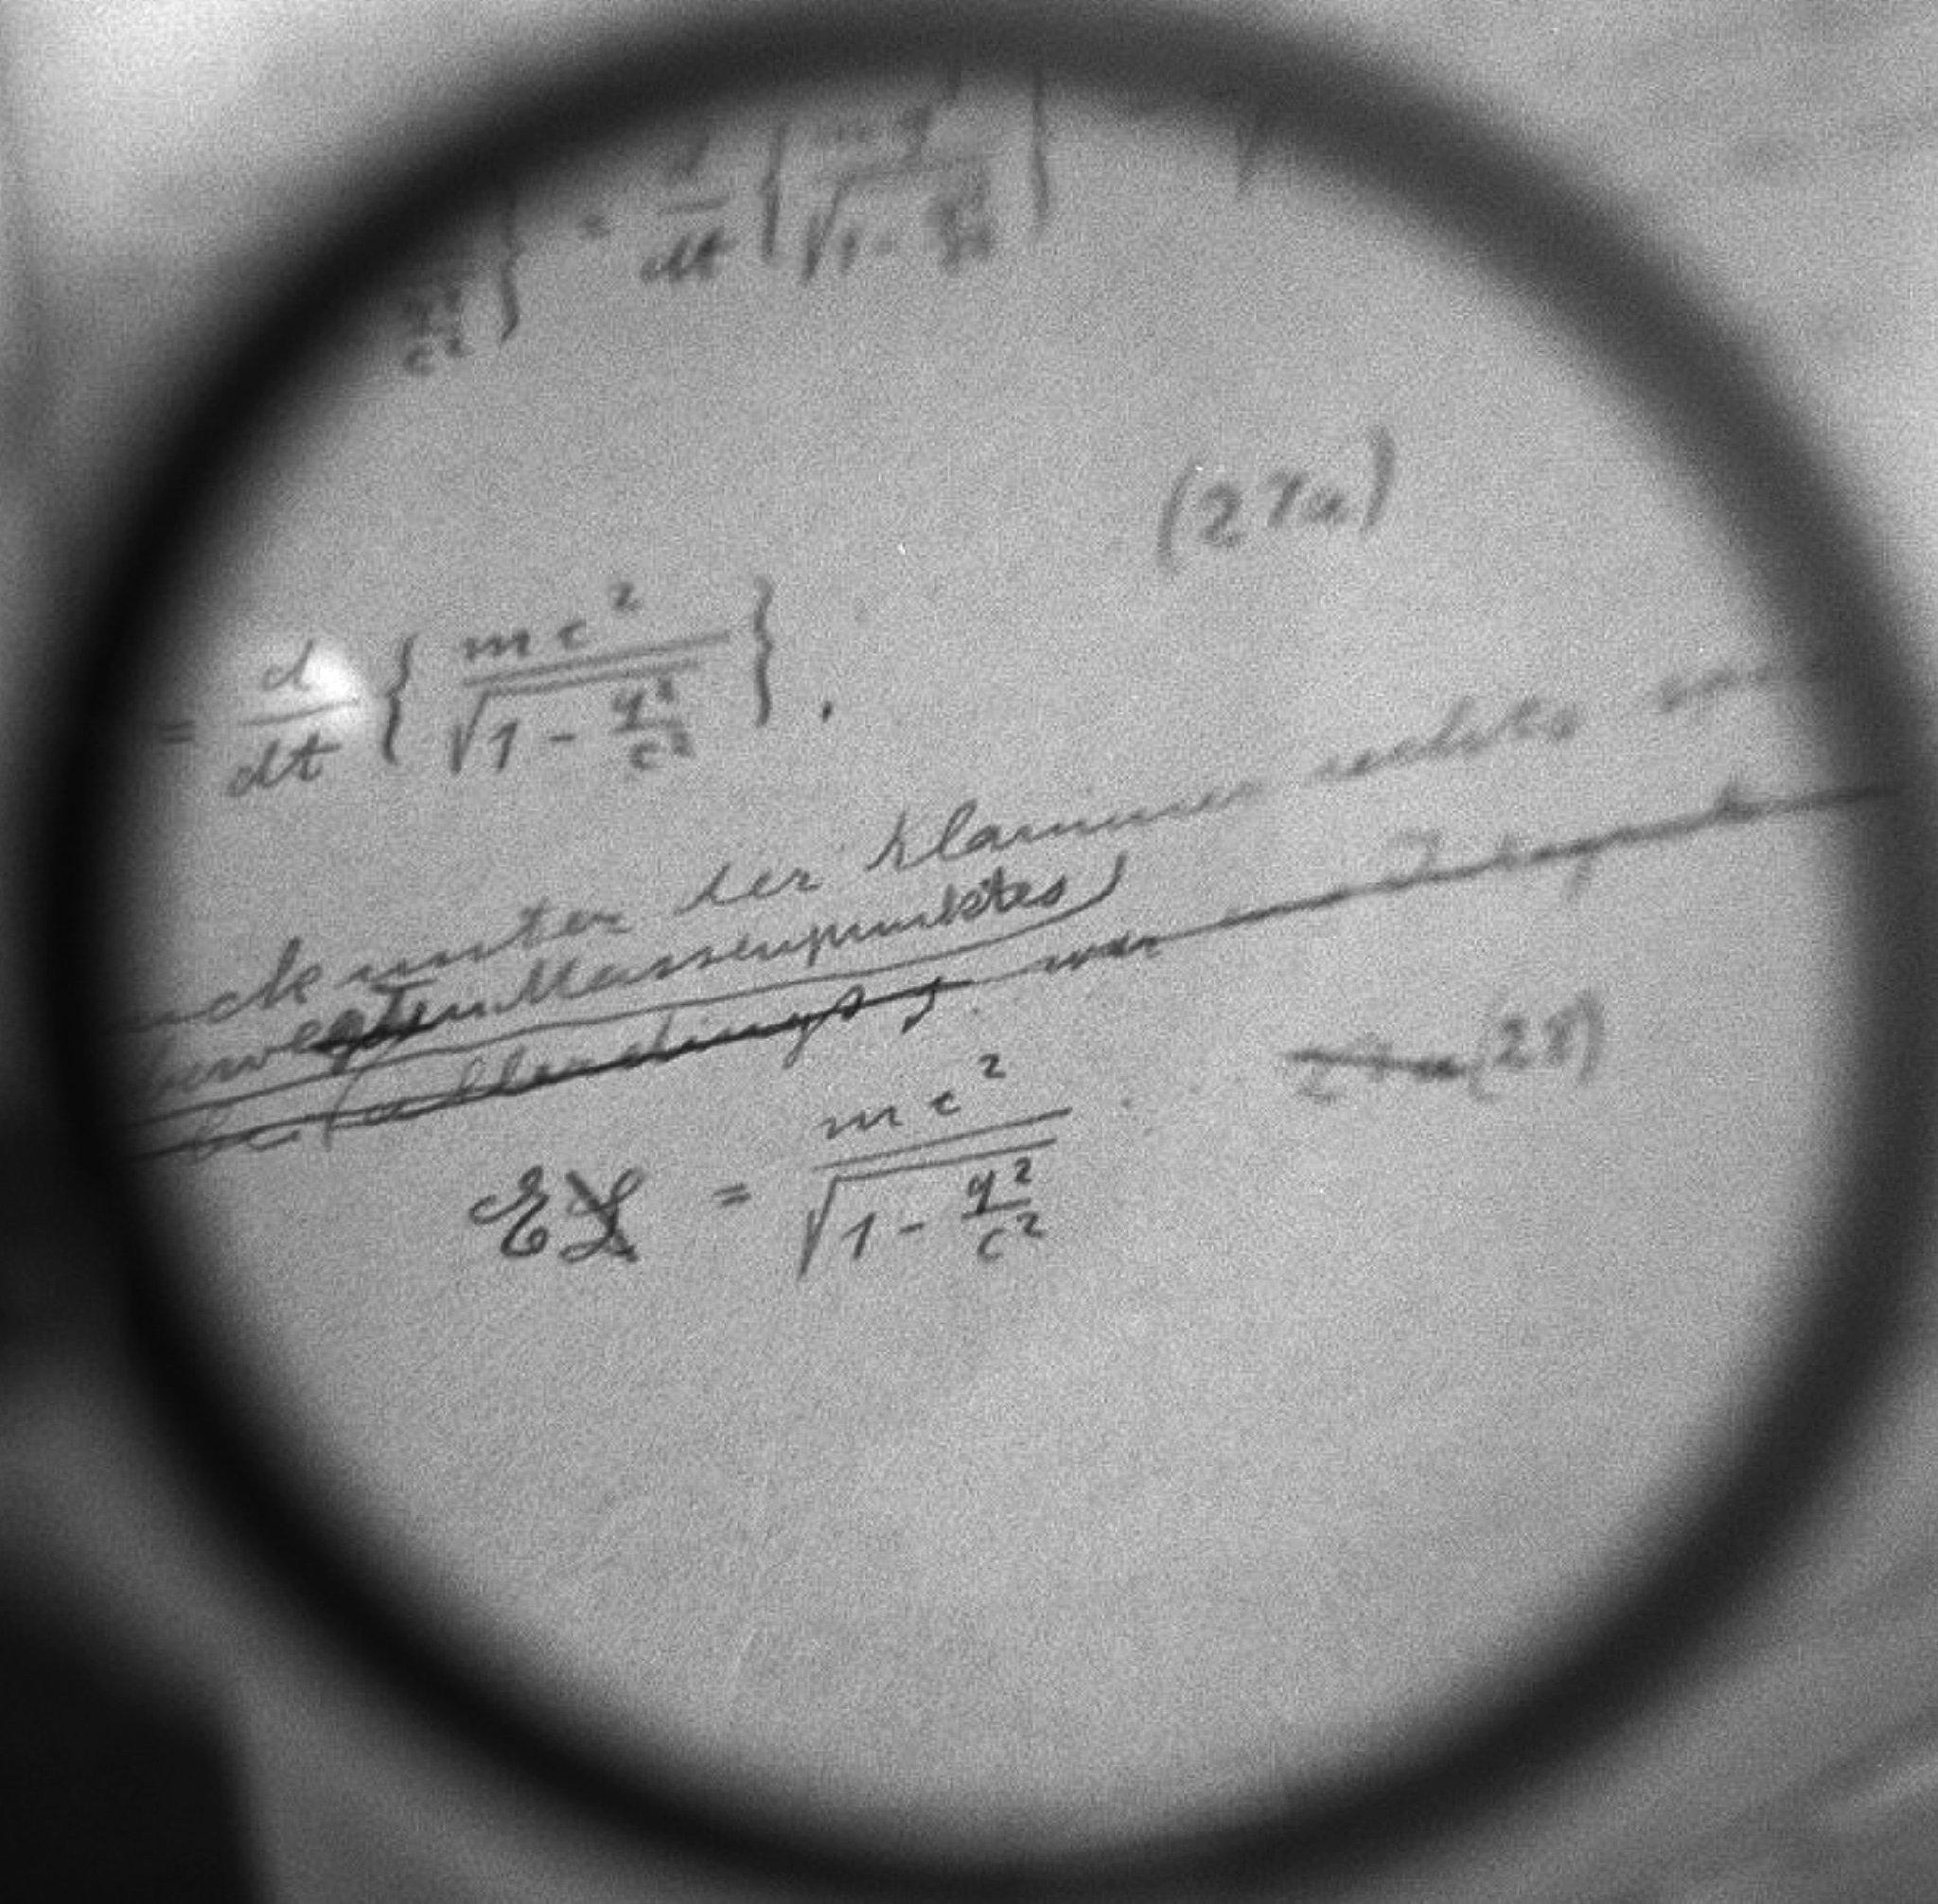 Albert Einsteins Berechnungen zur Relativitätstheorie (E=mc2) sind unter einem Vergrößerungsglas auf dem Manuskript zu sehen.